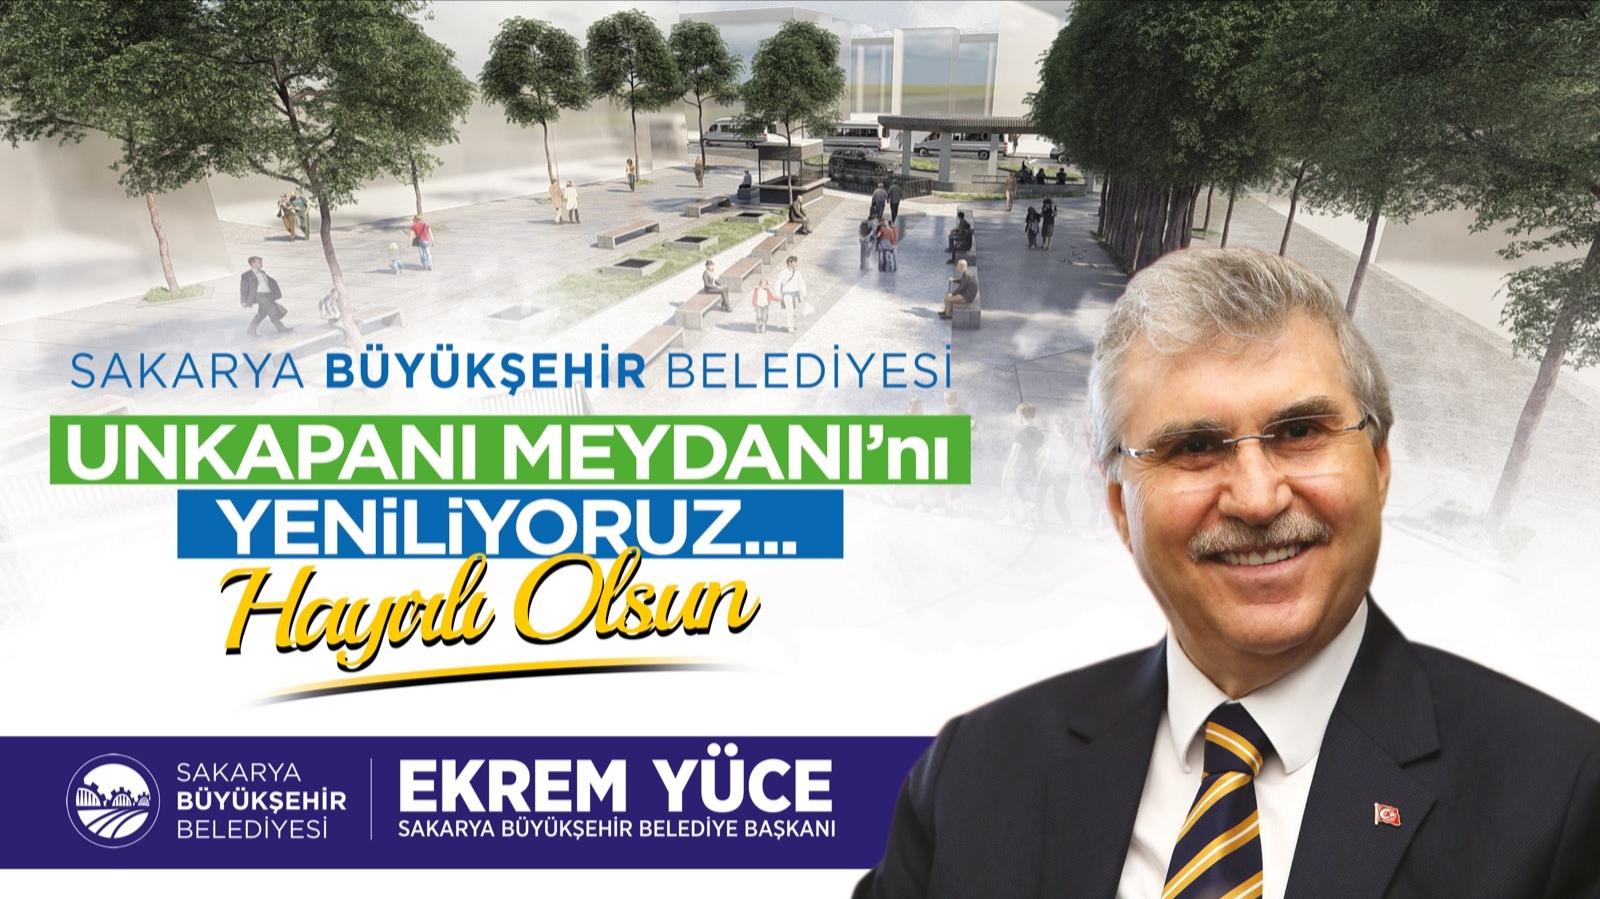 Sakarya Büyükşehir; Unkapanı Meydanı'nın temelin 8 Ocak'ta atıyor…